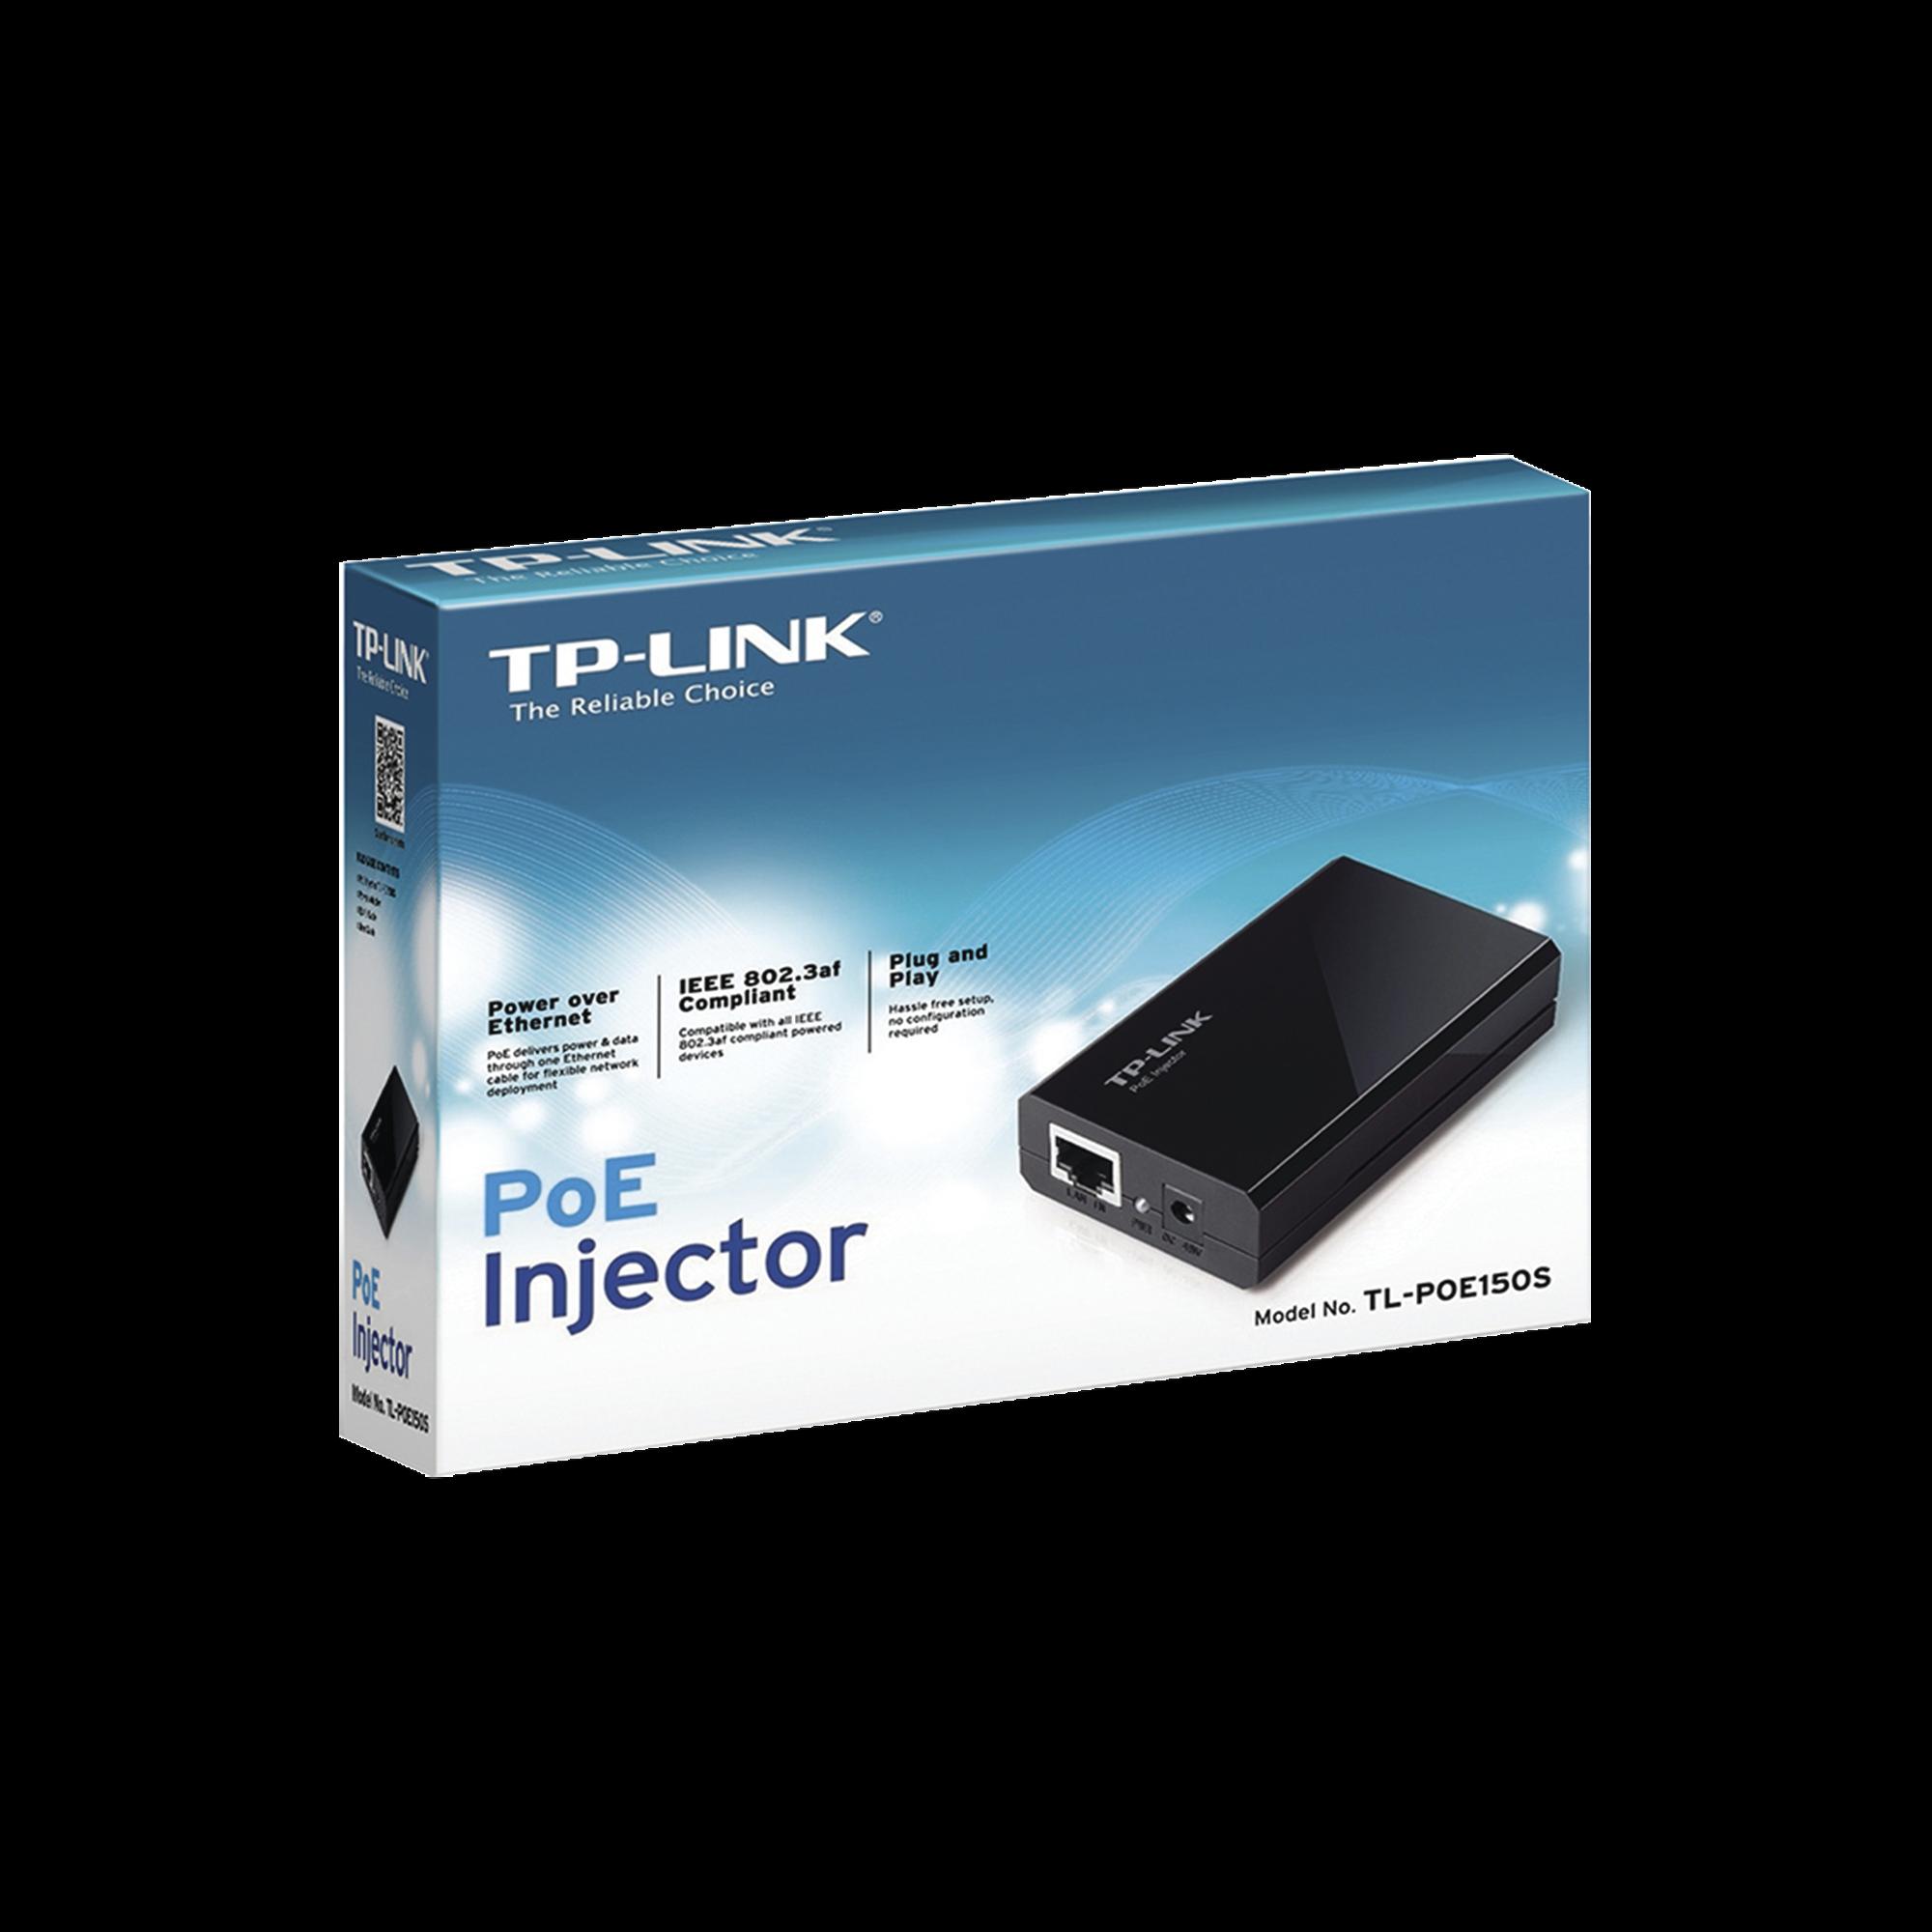 Inyector PoE Gigabit 802.3 af 1 puerto 10/100/1000 Mbps